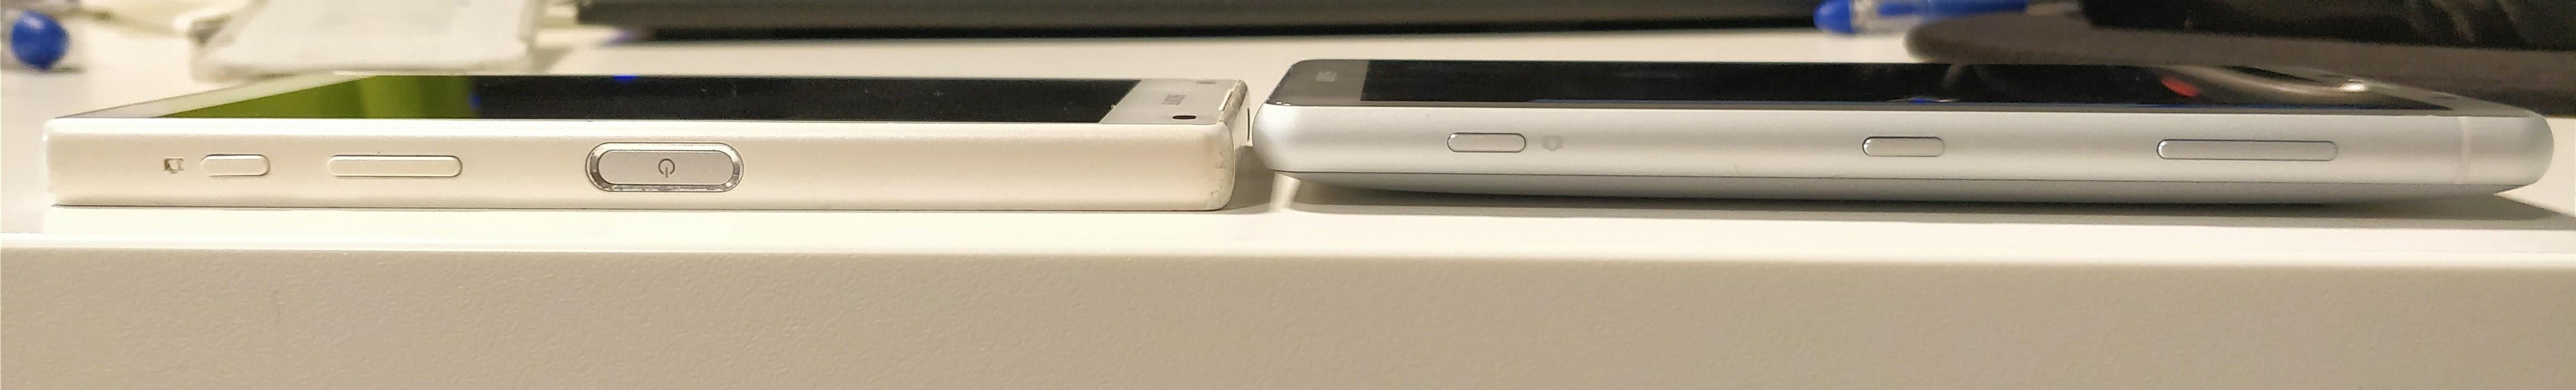 Rò rỉ thông số kỹ thuật và giá bán của bộ đôi Sony Xperia XZ2 và XZ2 Compact